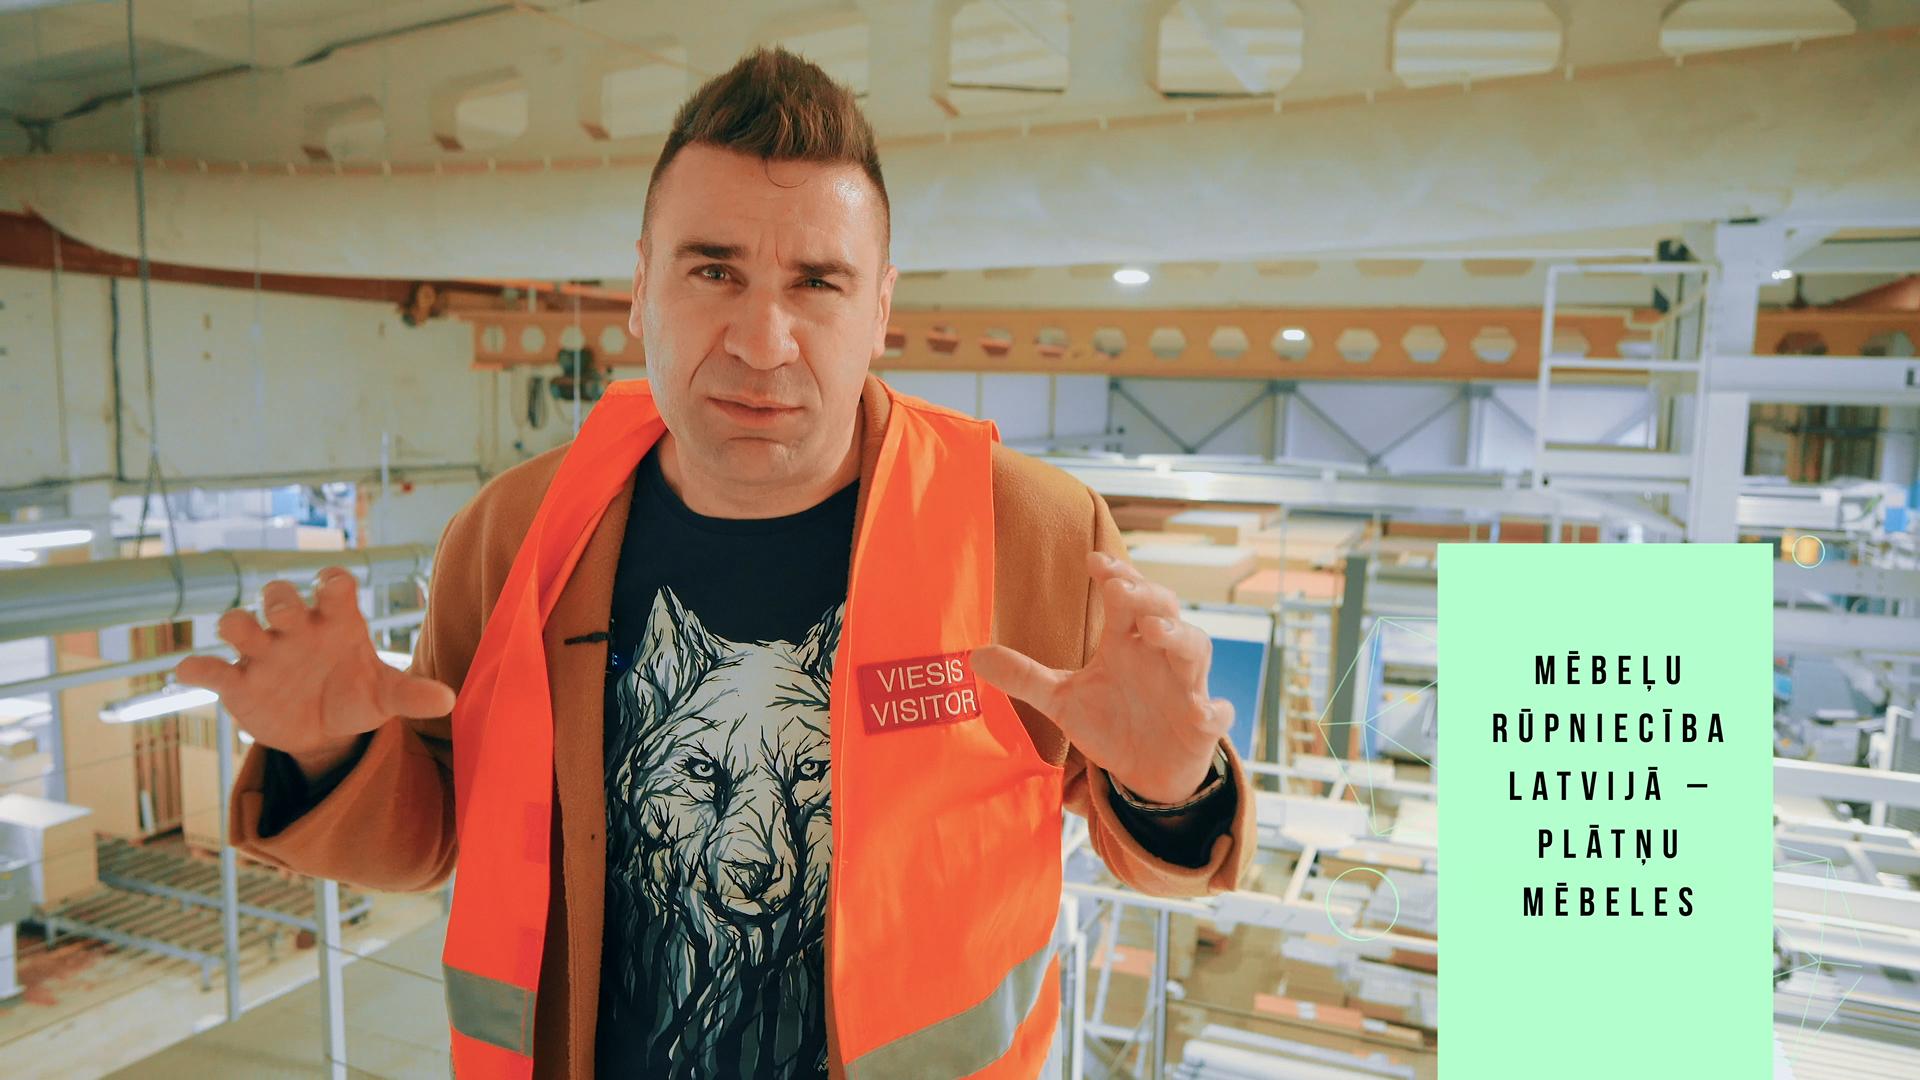 Mēbeļu rūpniecība Latvijā: Platnu mēbeles